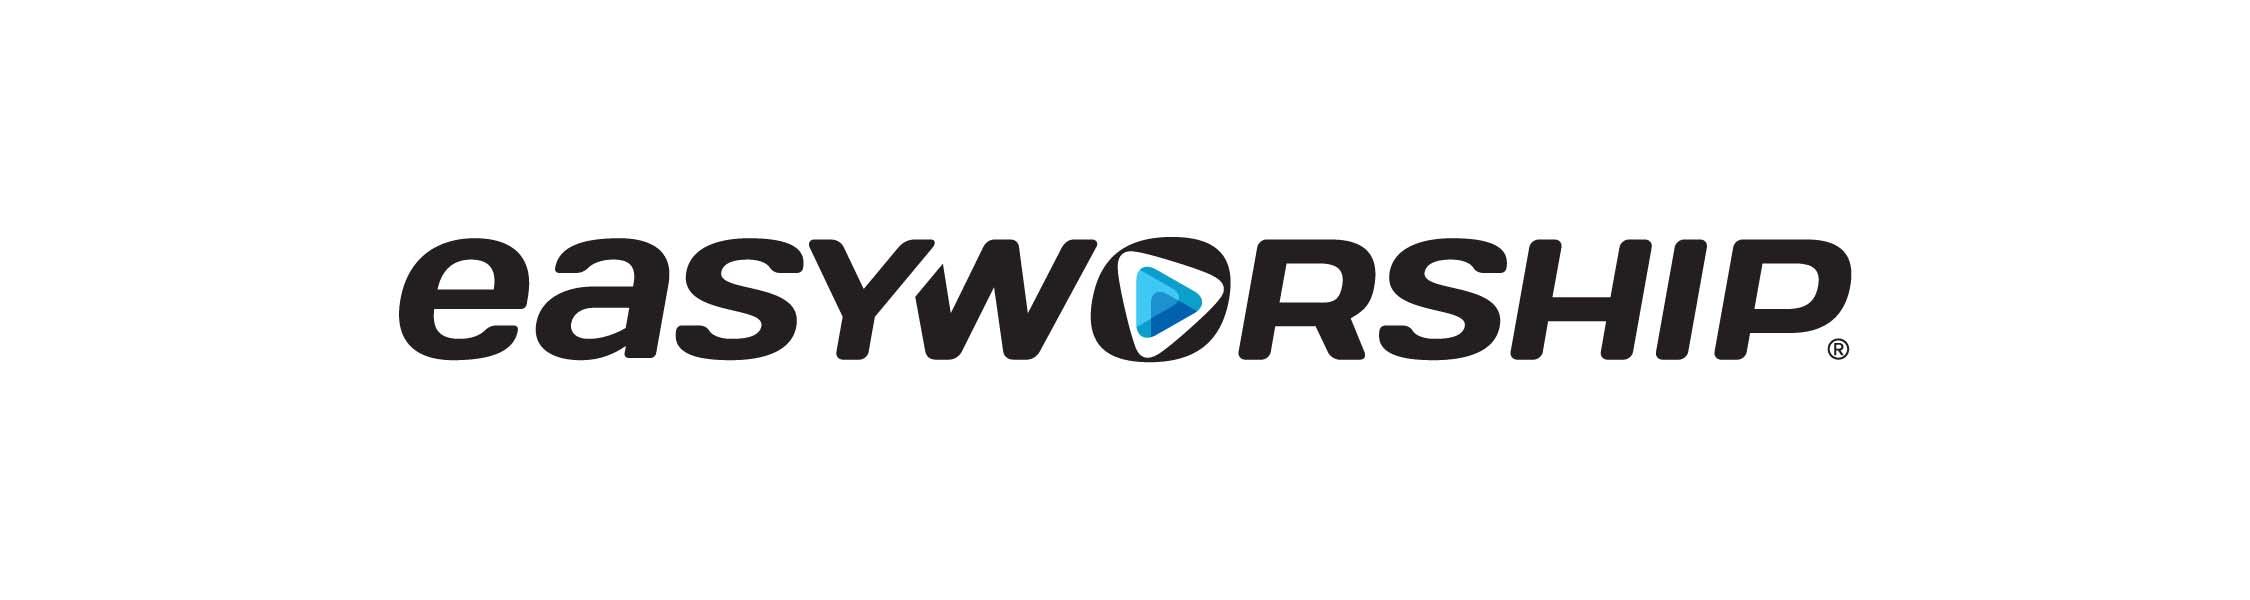 easyworship 2009 download